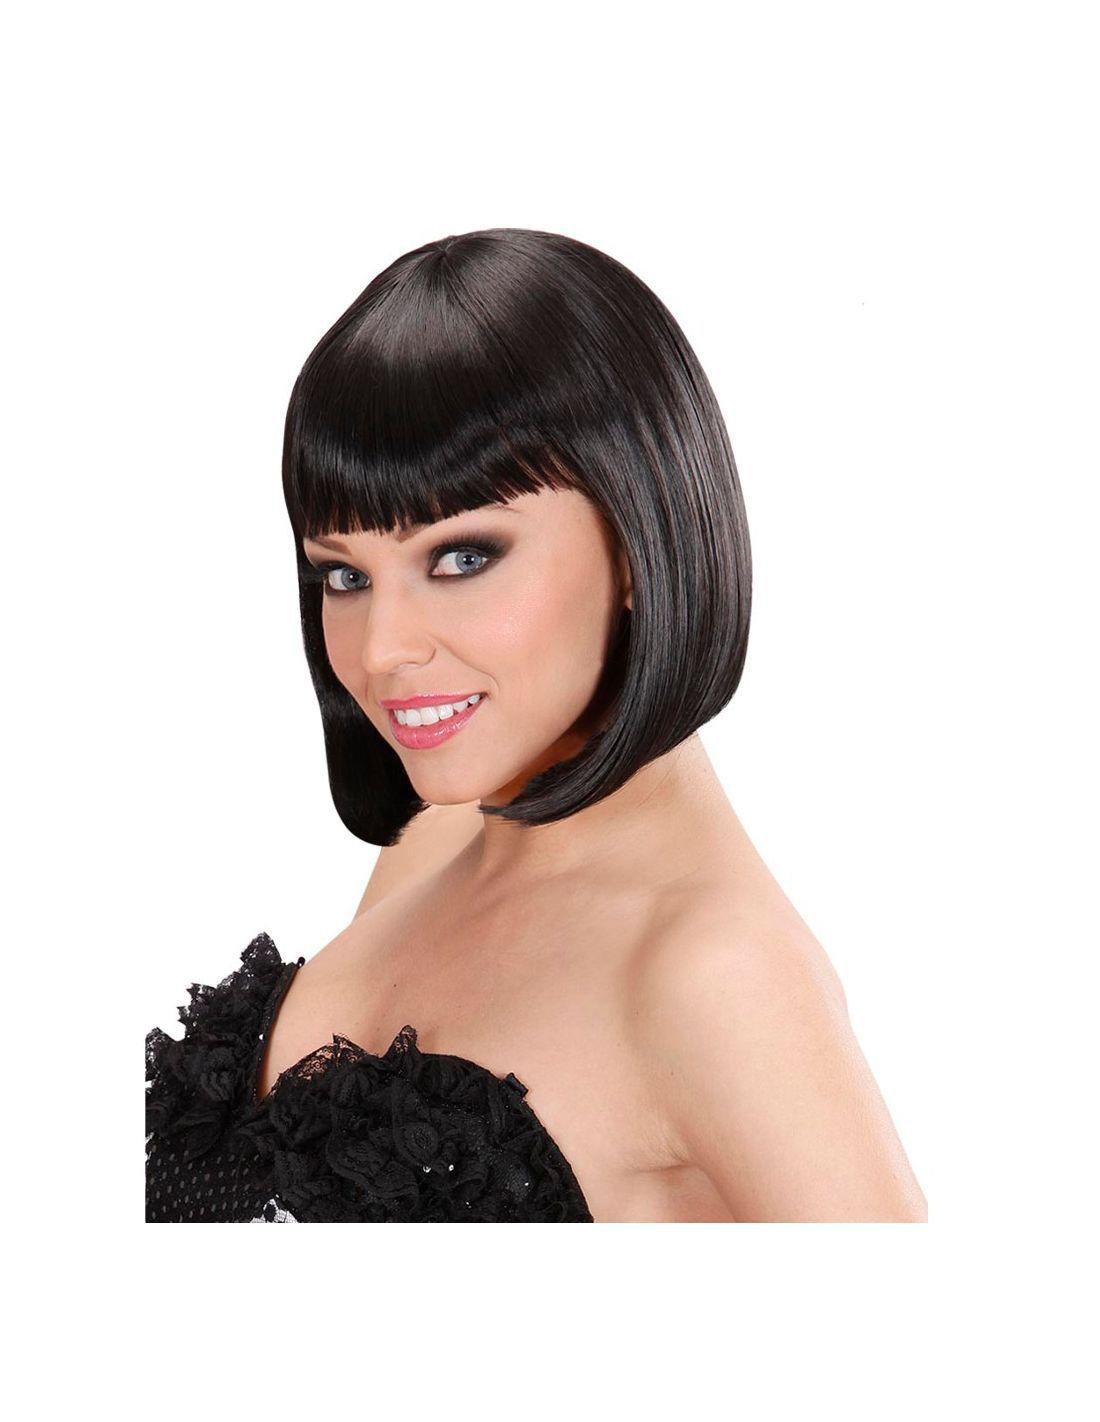 Exquisito peinados para fiesta media melena Imagen de cortes de pelo consejos - Pin en MEDIA MELENA CON FLEQUILLO